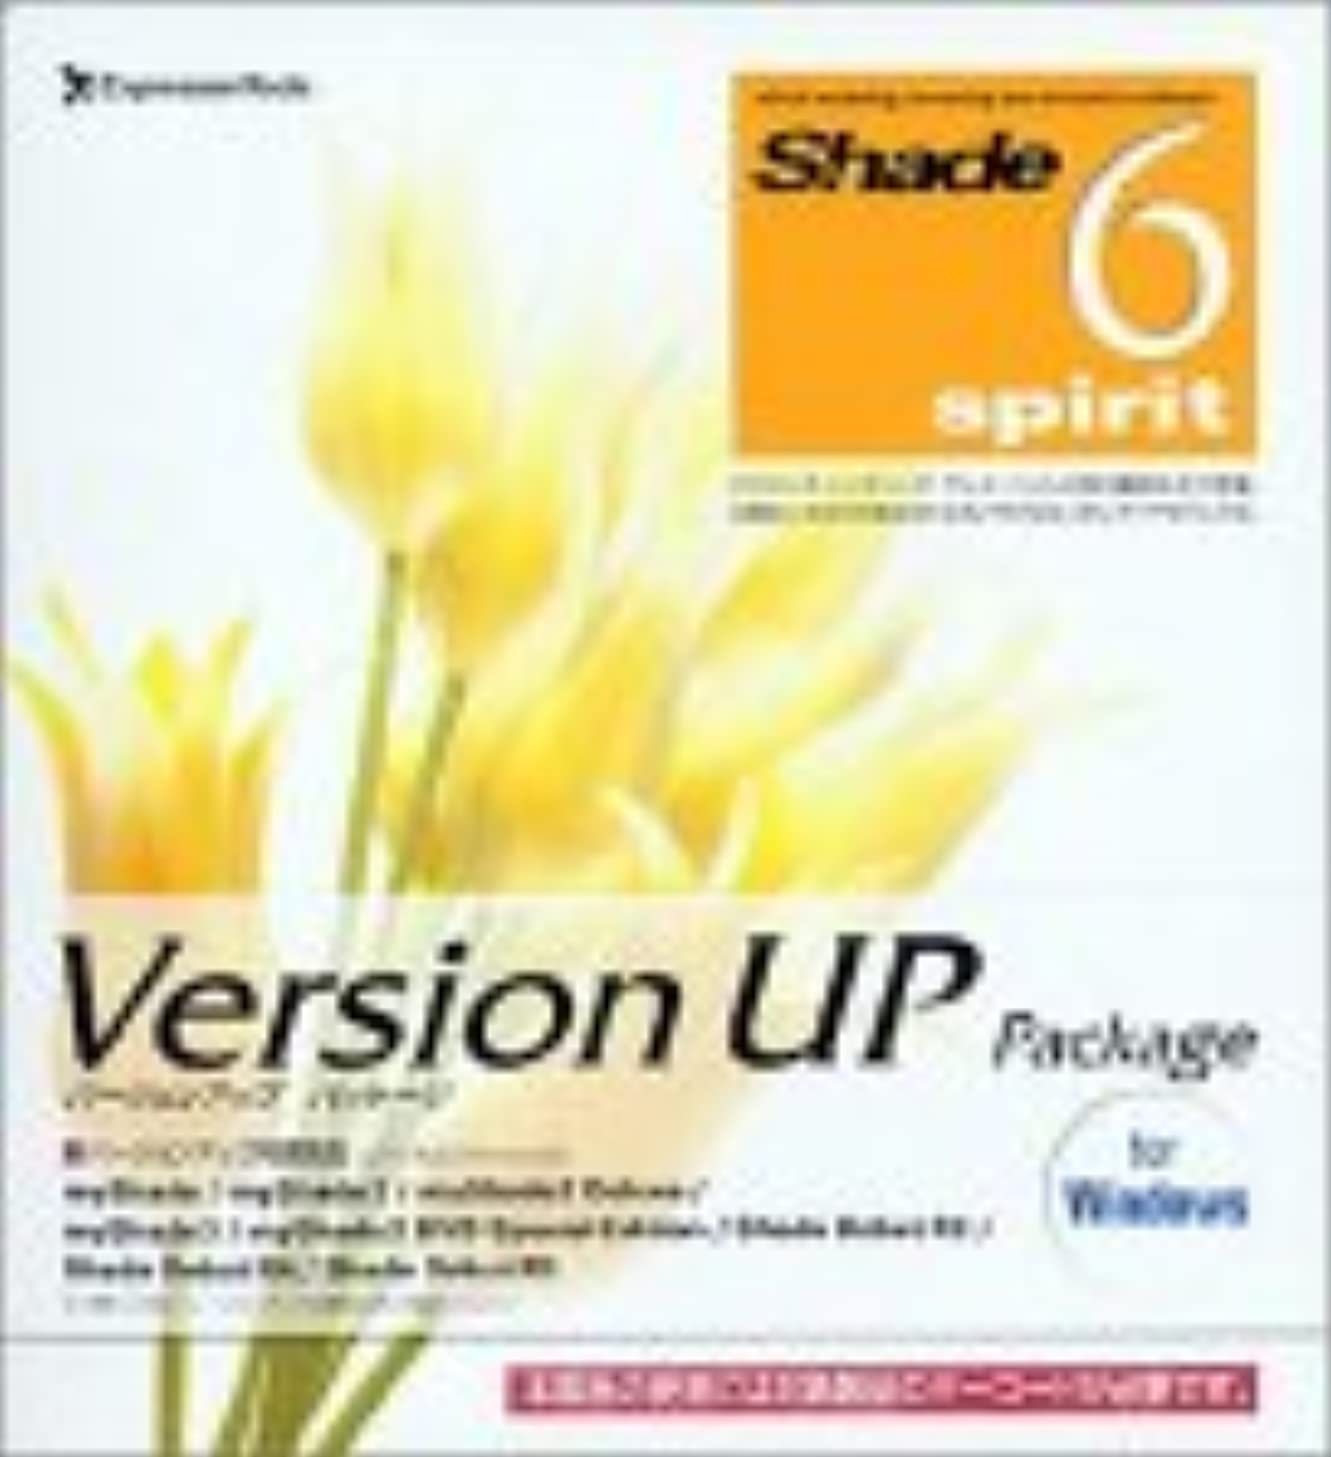 同じ子供時代有望Shade 6 spirit for Windows バージョンアップパッケージ